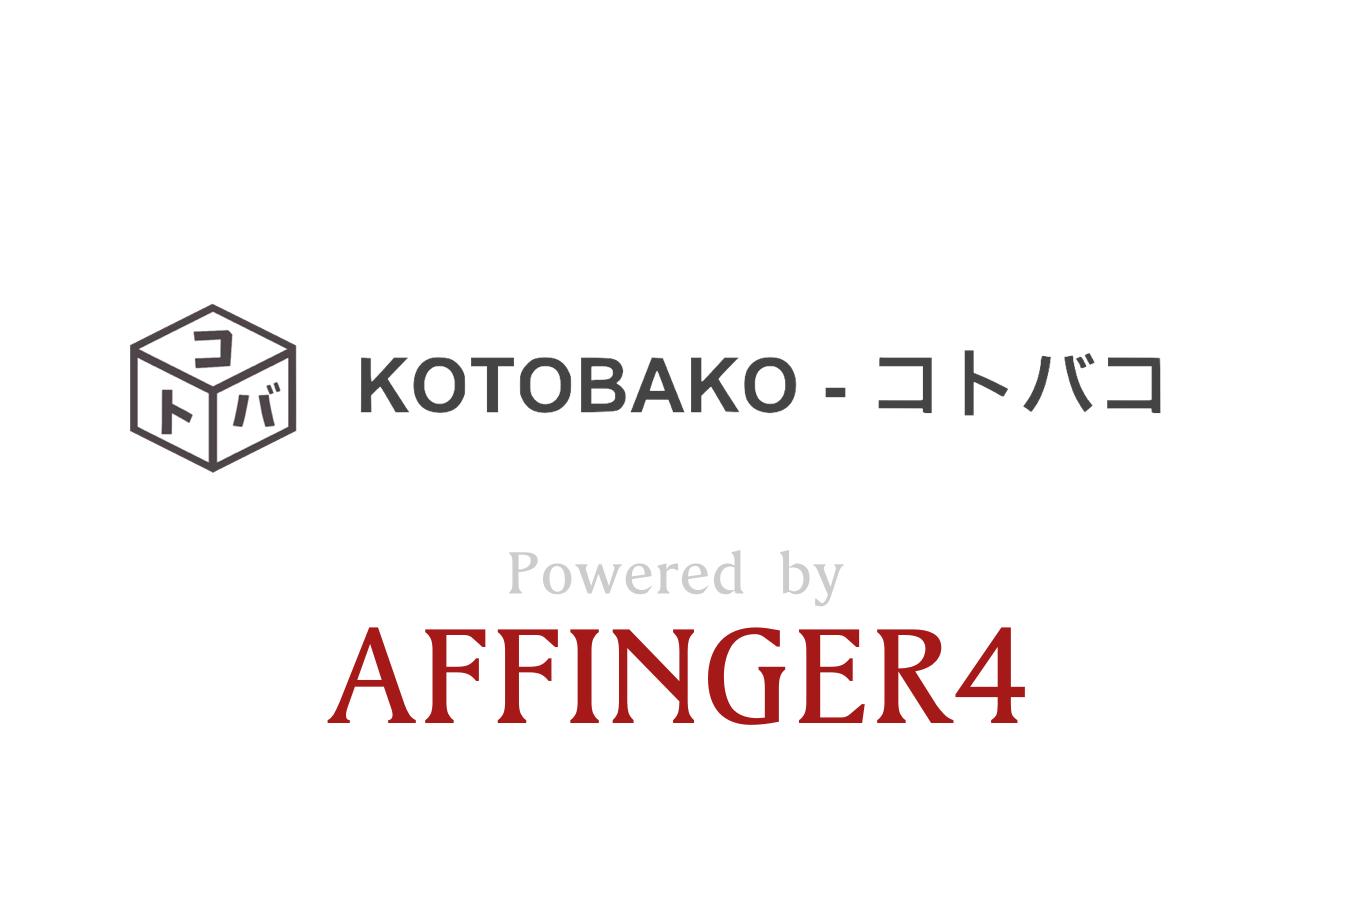 kotobako-affinger4-ec